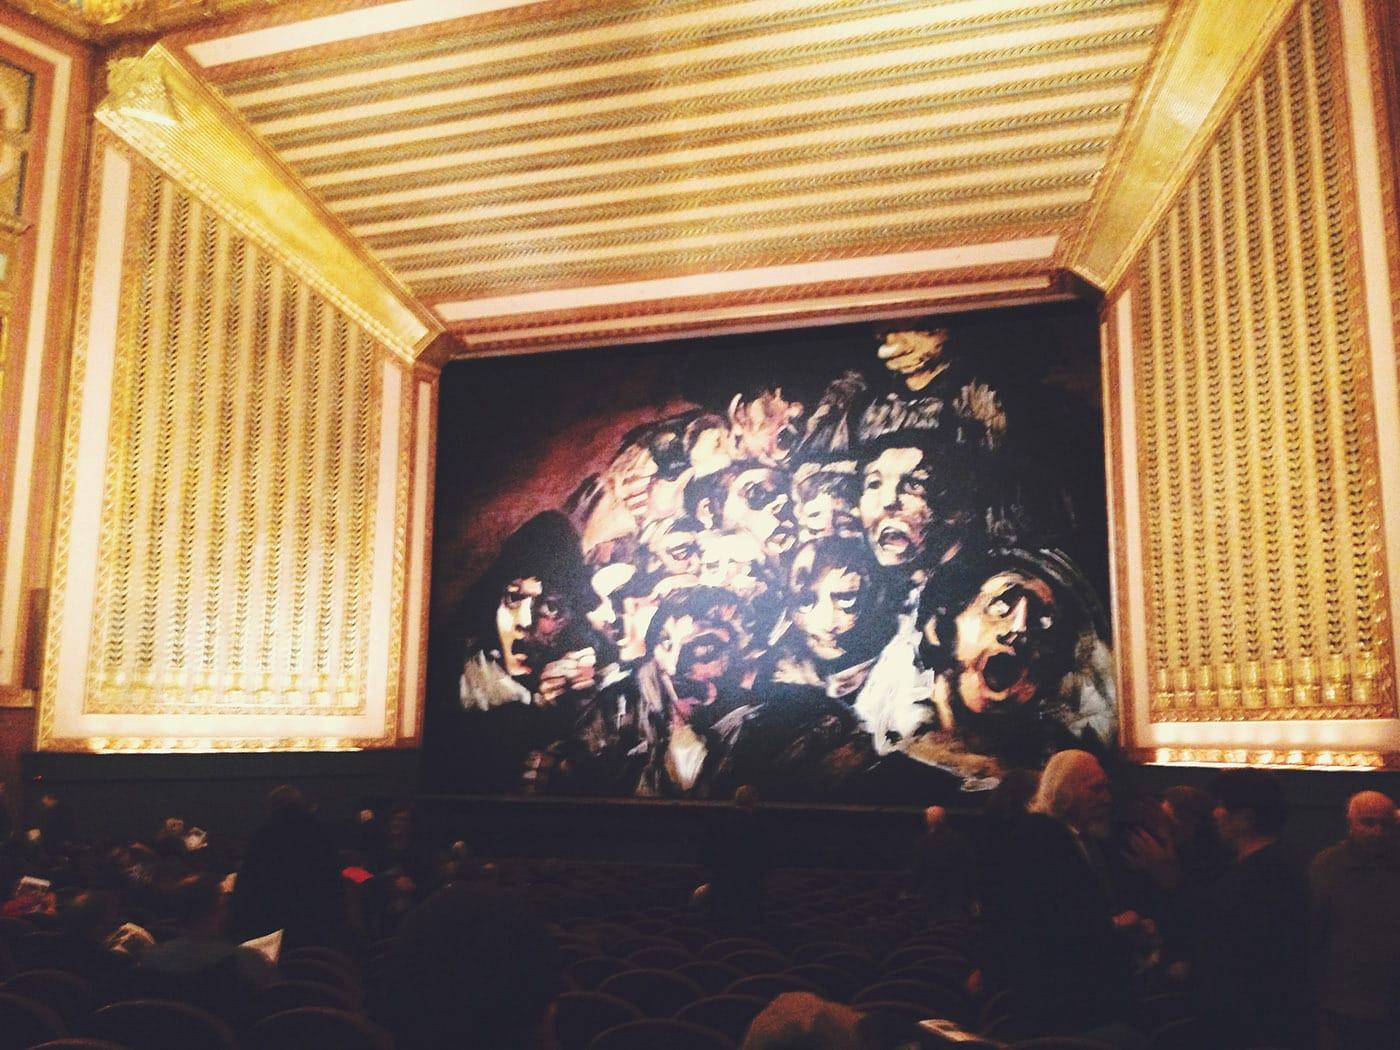 At the opera.